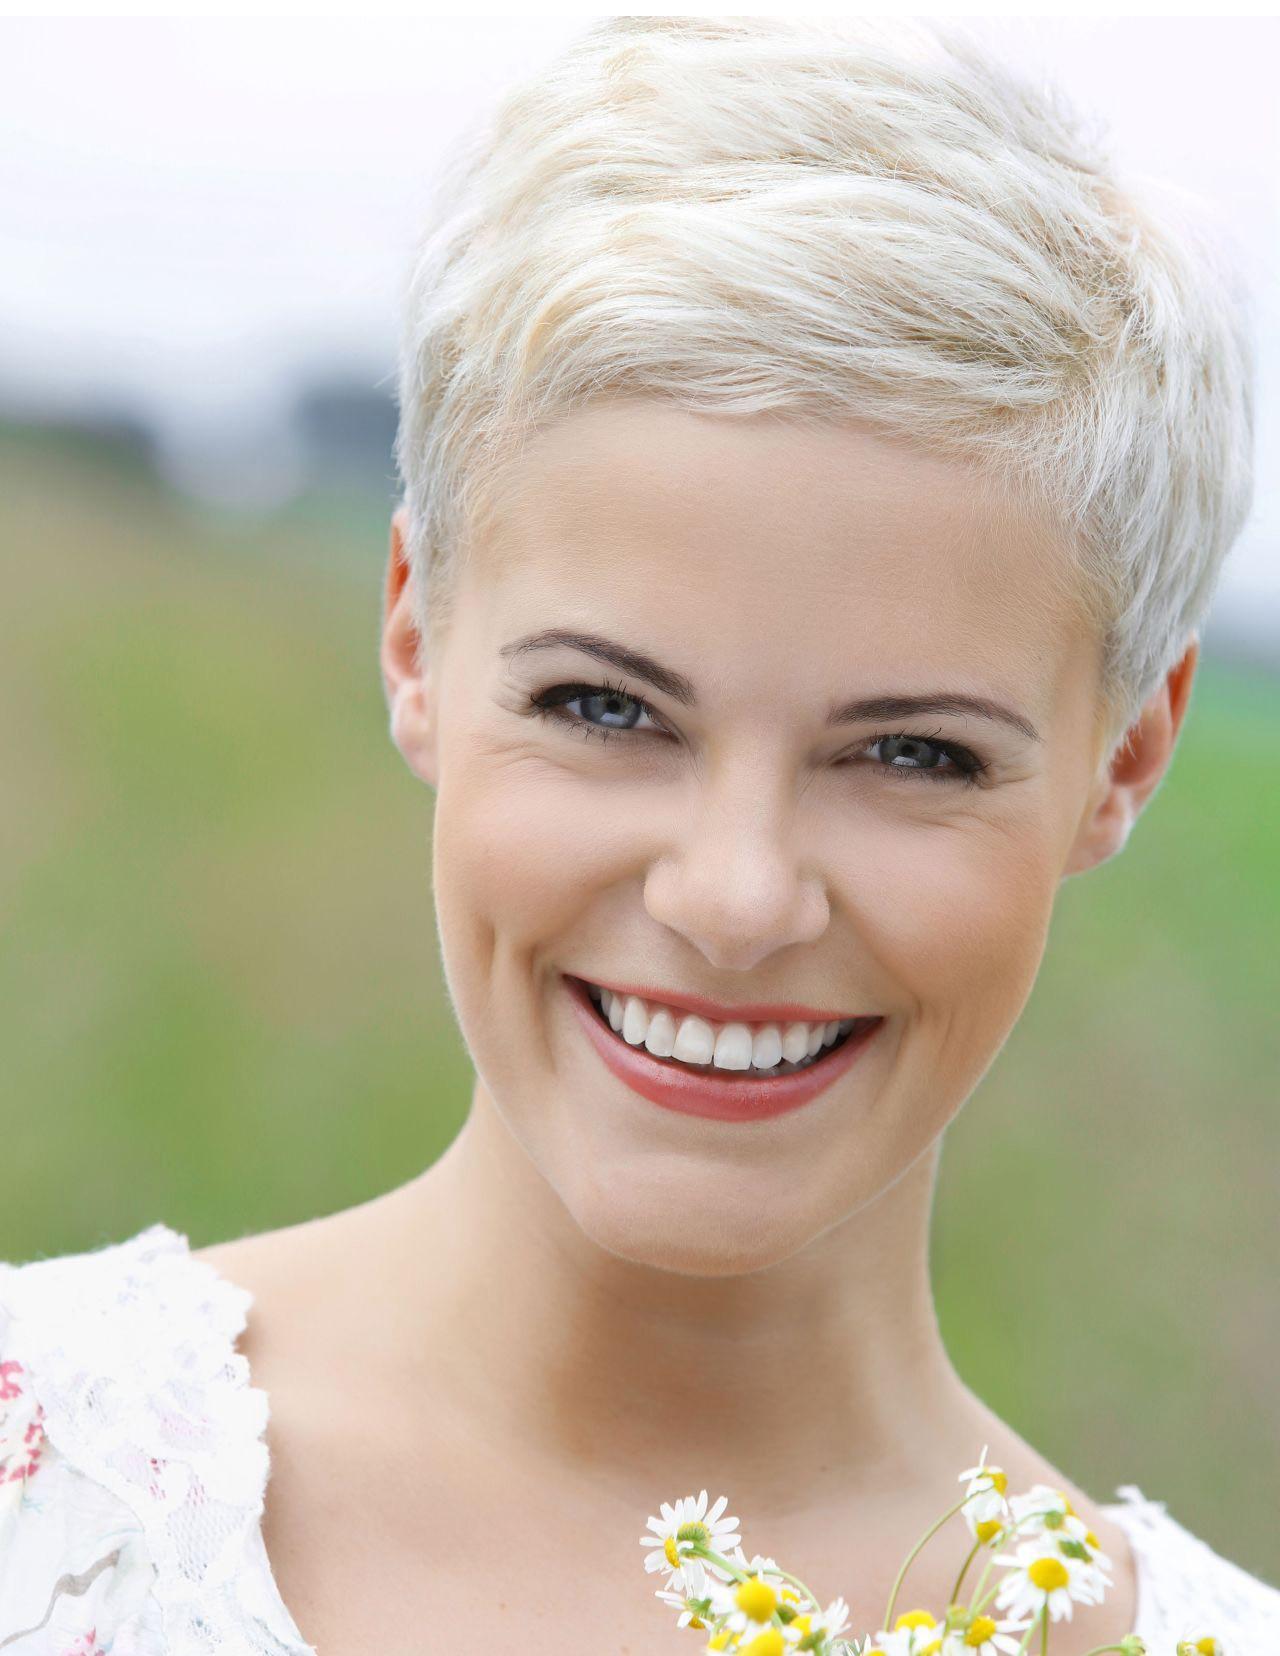 Short Pixie Cut Ladies White Wig - Rewigs.com